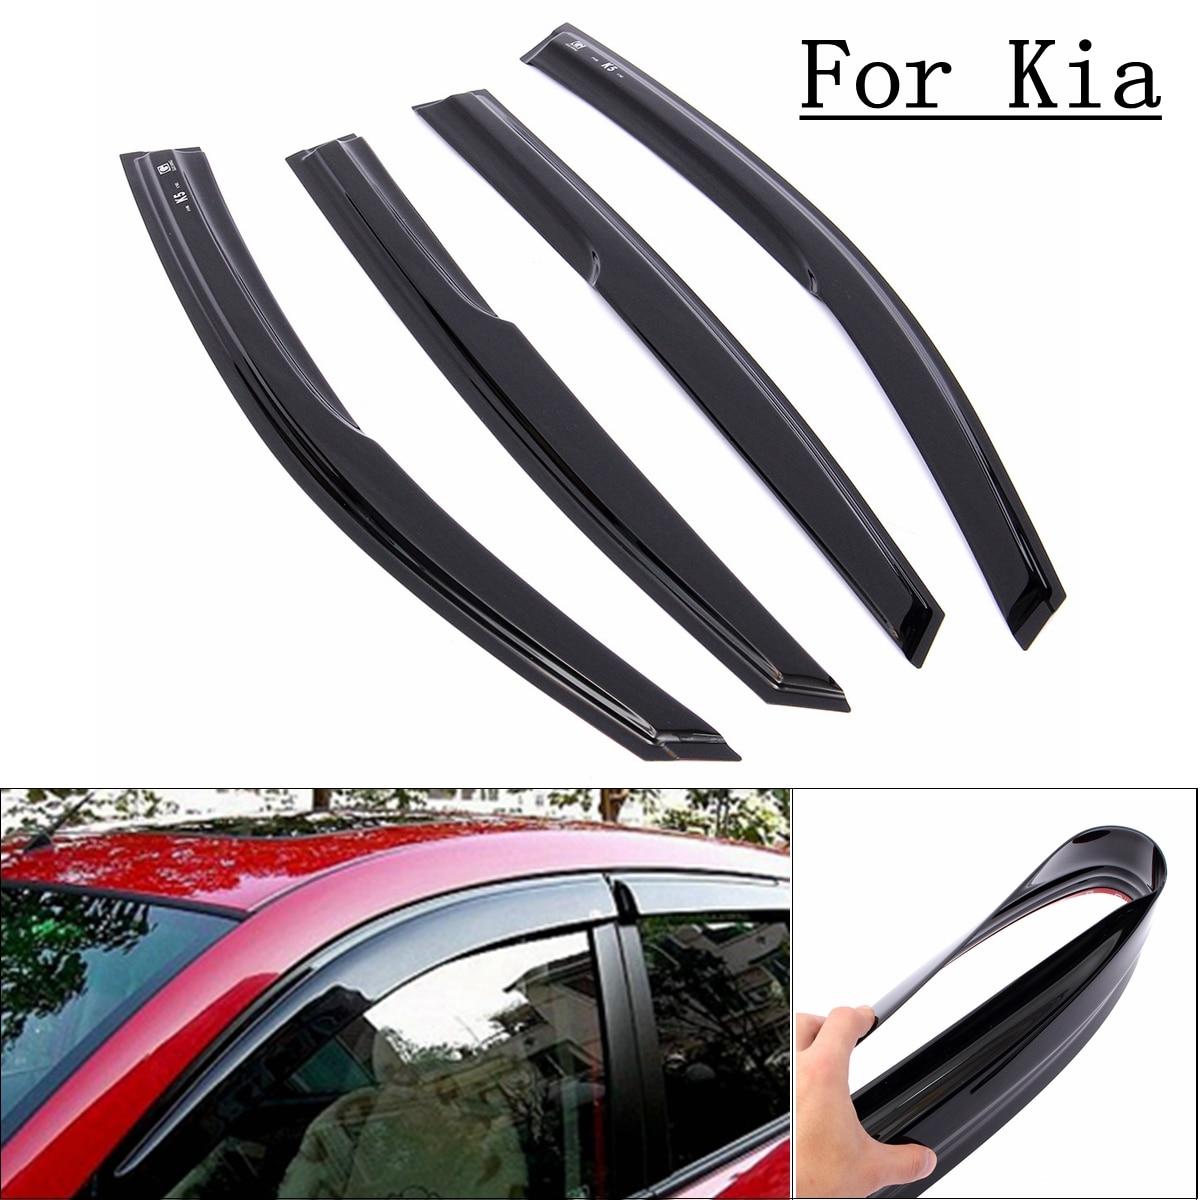 For 2011-2015 Kia Optima K5 Window Visor Wind Deflector Rain Sun Guard Vent